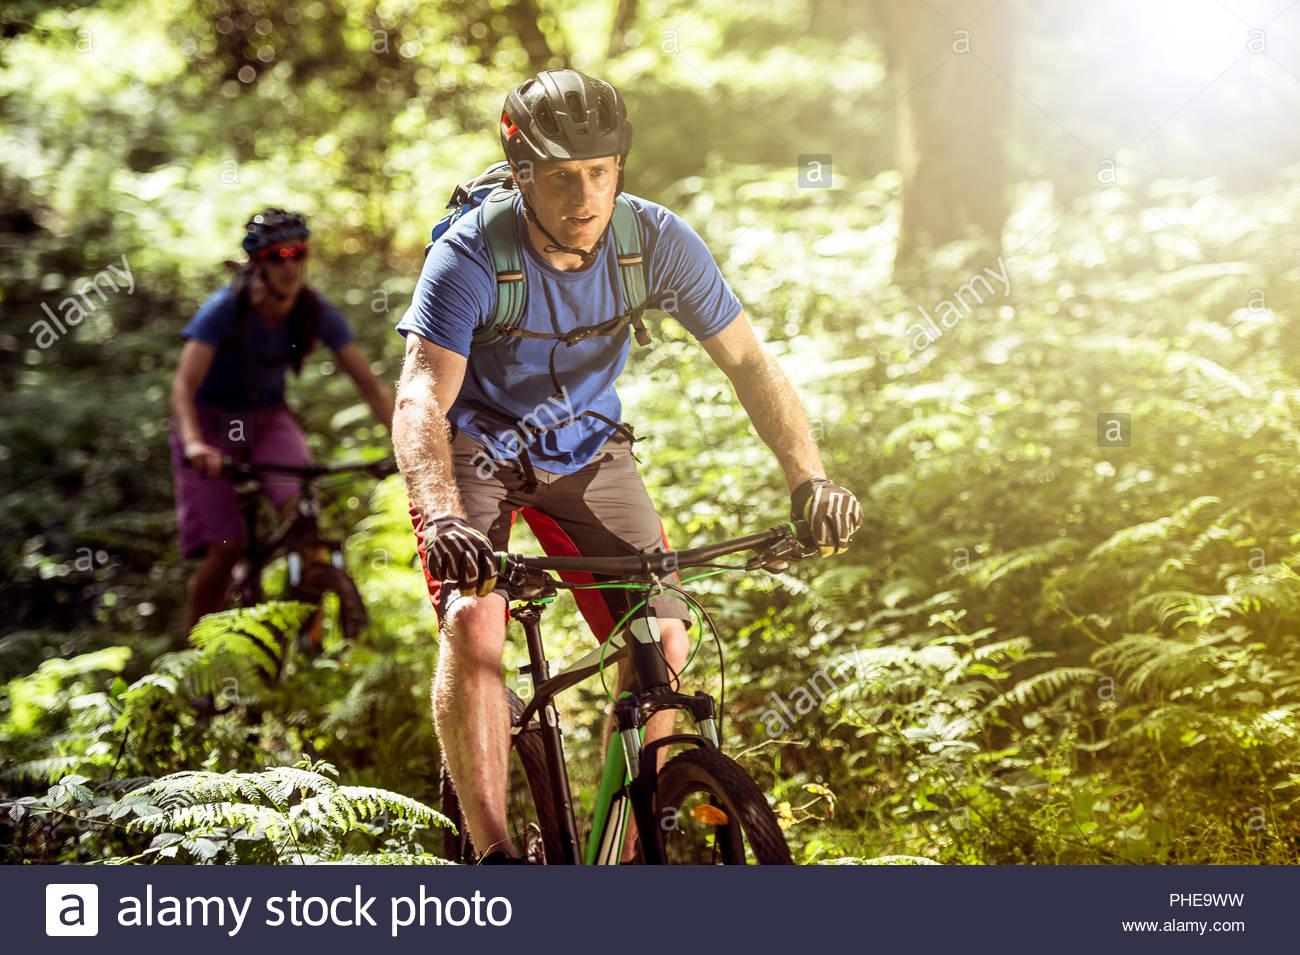 Par de ciclismo de montaña en el bosque Imagen De Stock